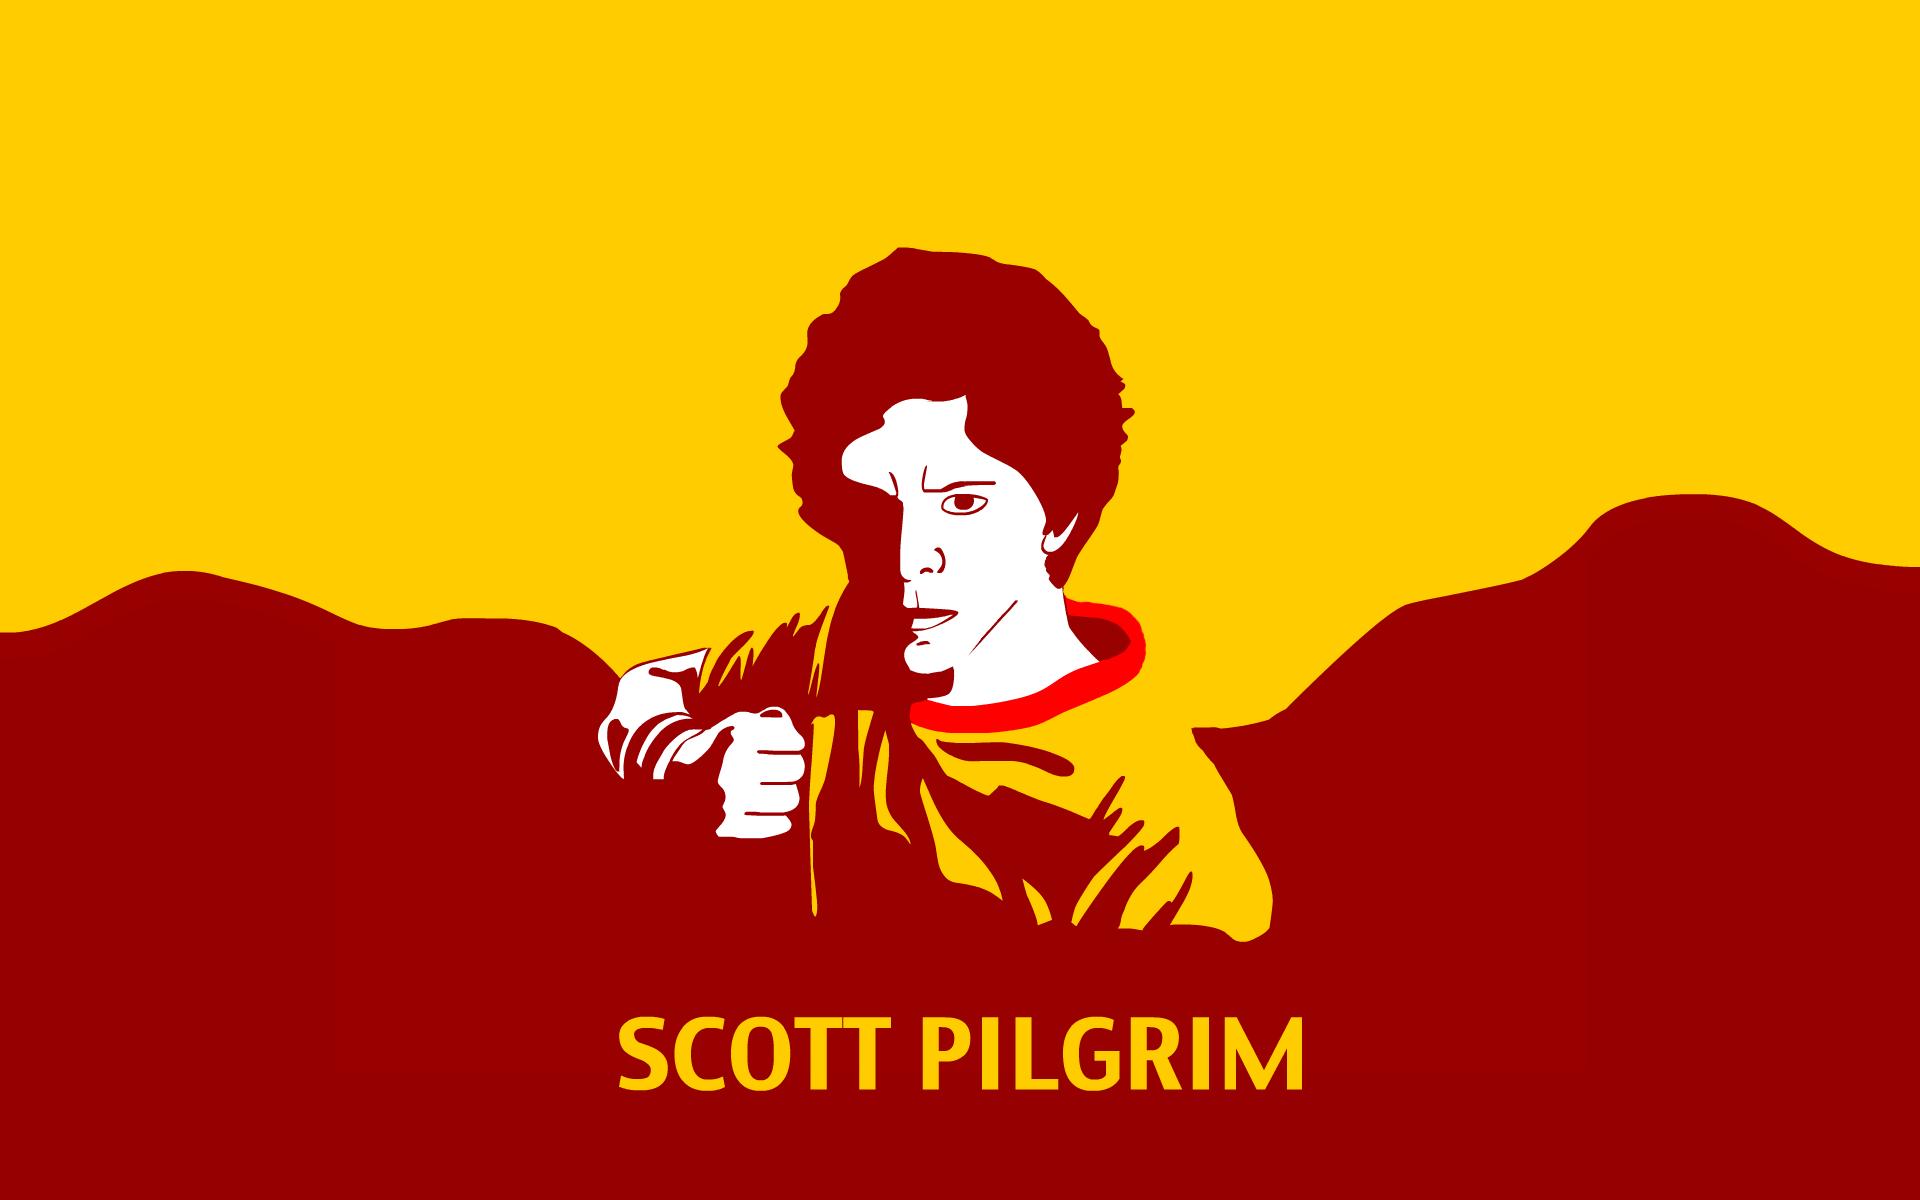 Scott Pilgrim wallpaper